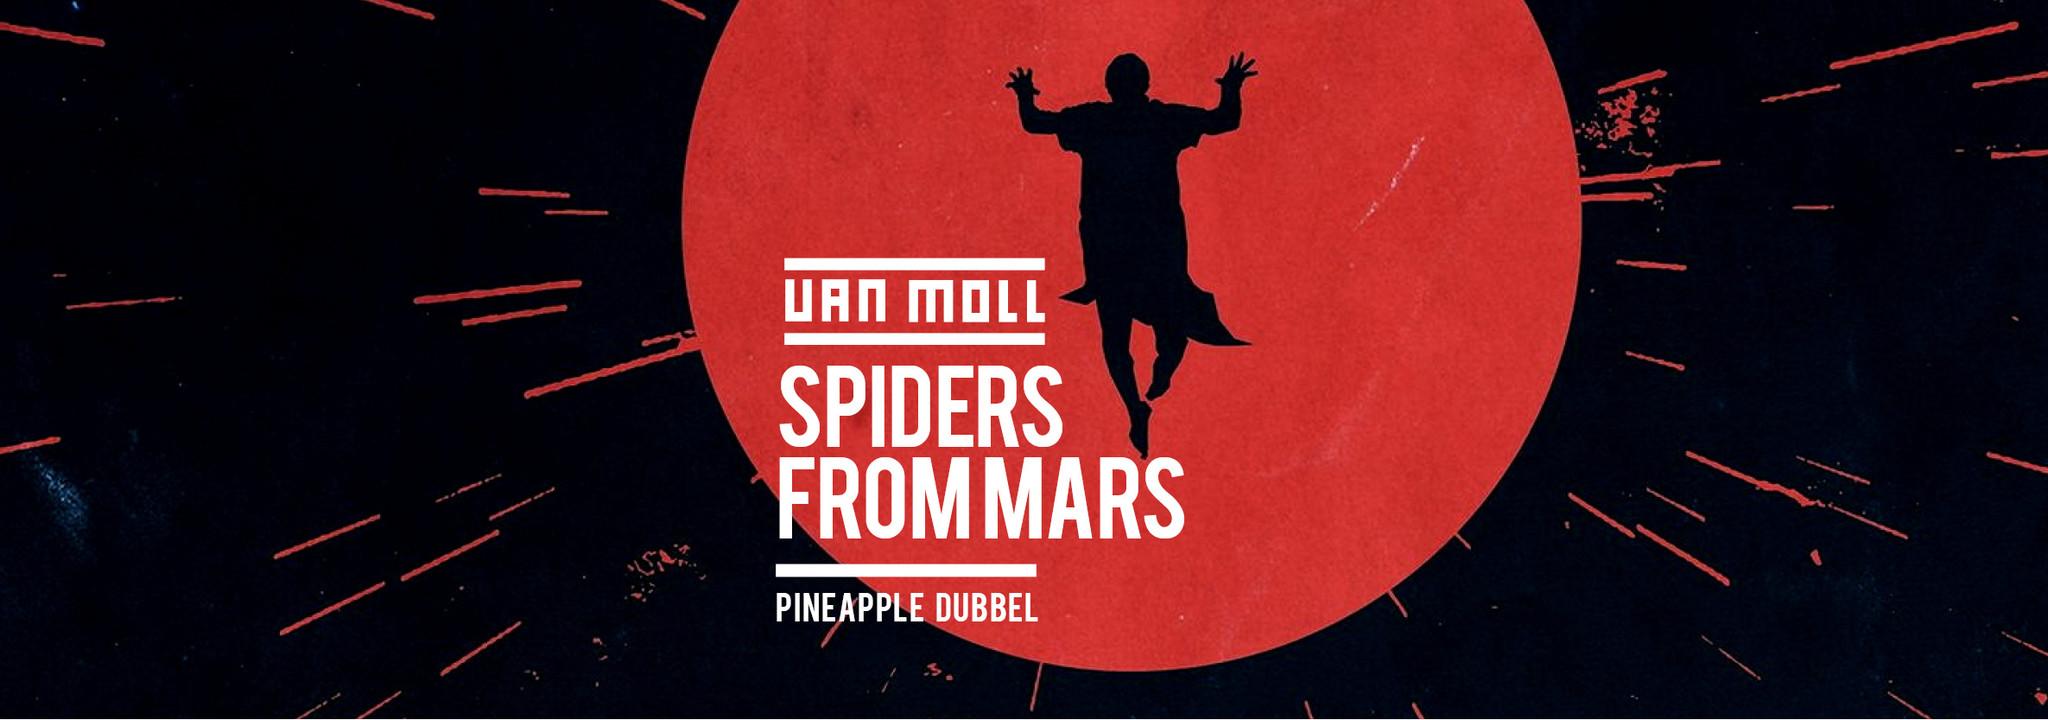 SpidersfromMars